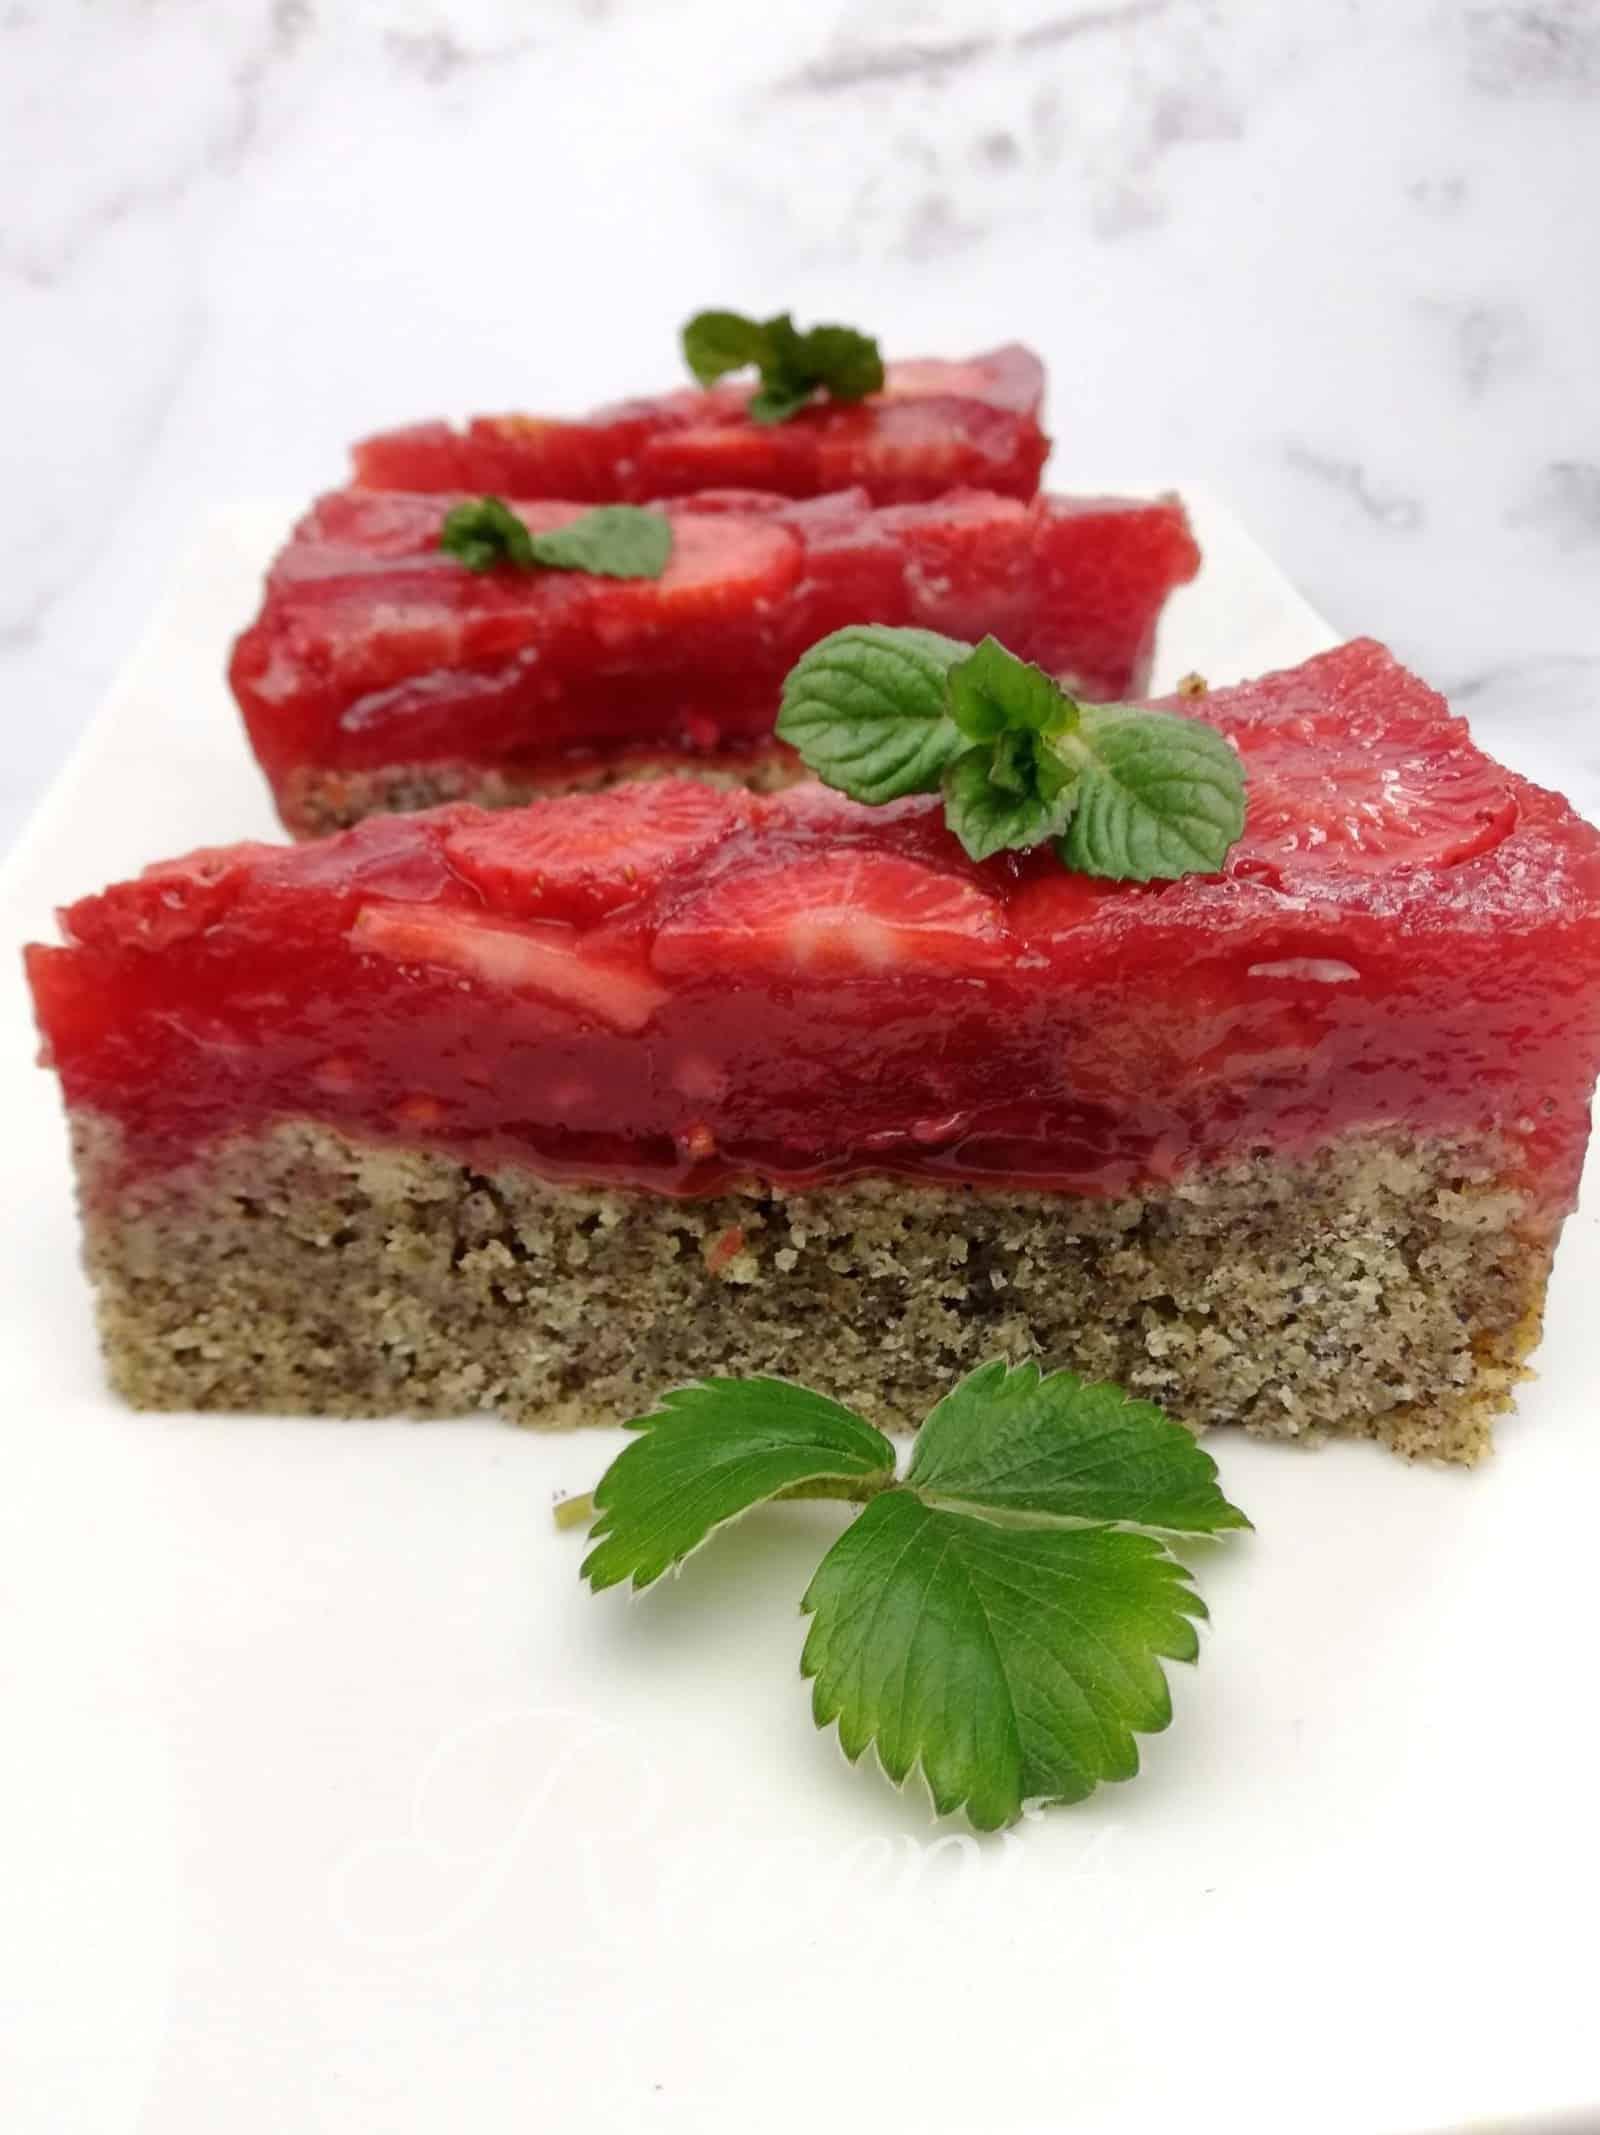 Maková torta – poppy seed cake